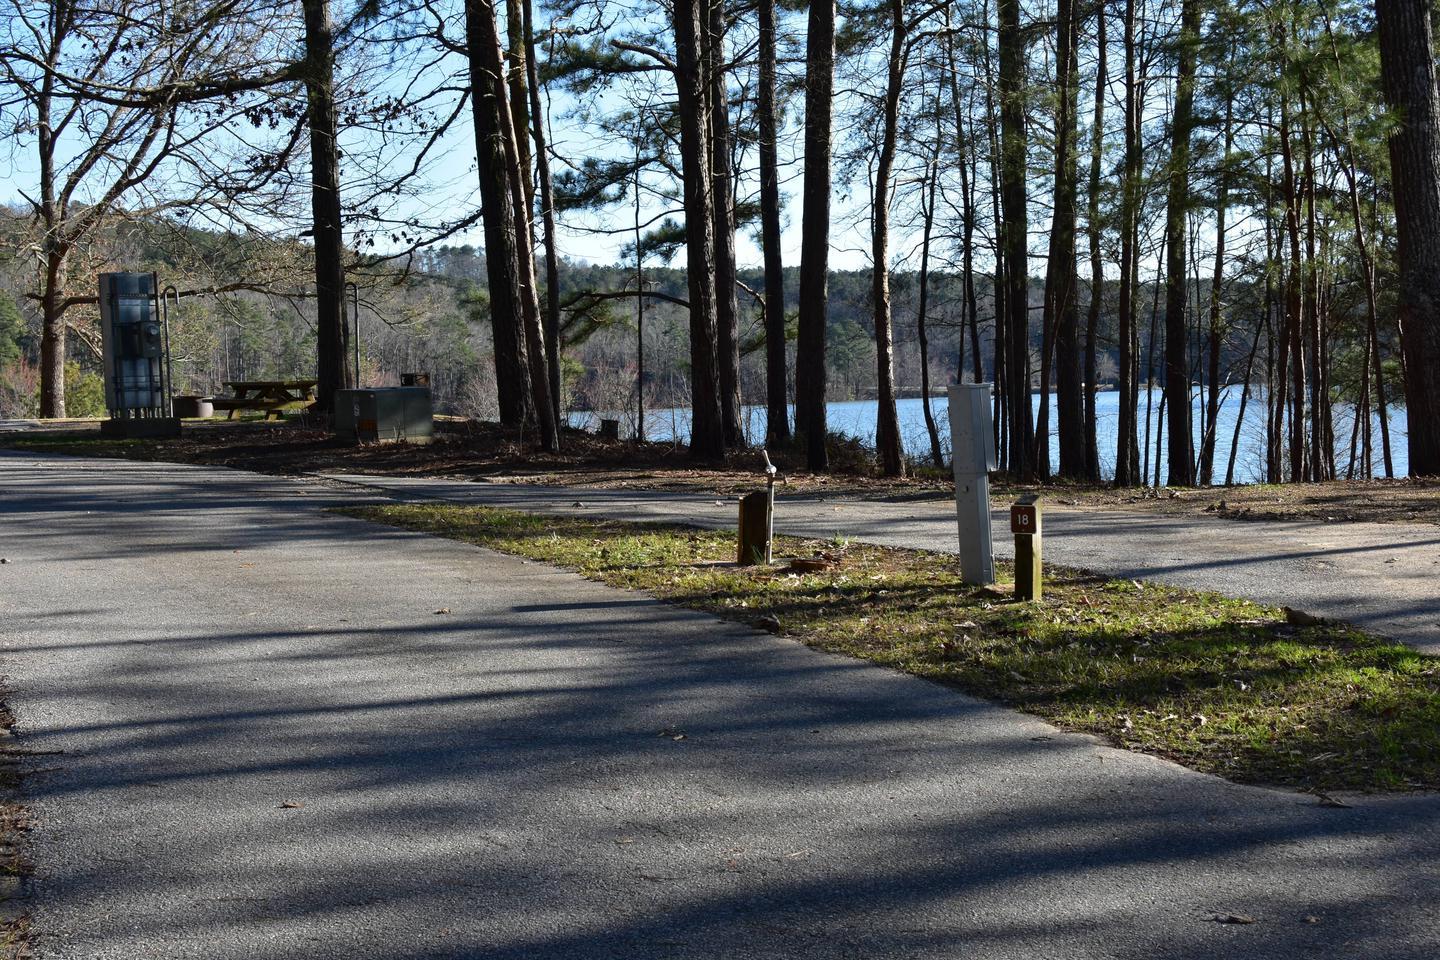 Fox Loop Site 18Fox Loop Site 18, March 6, 2020